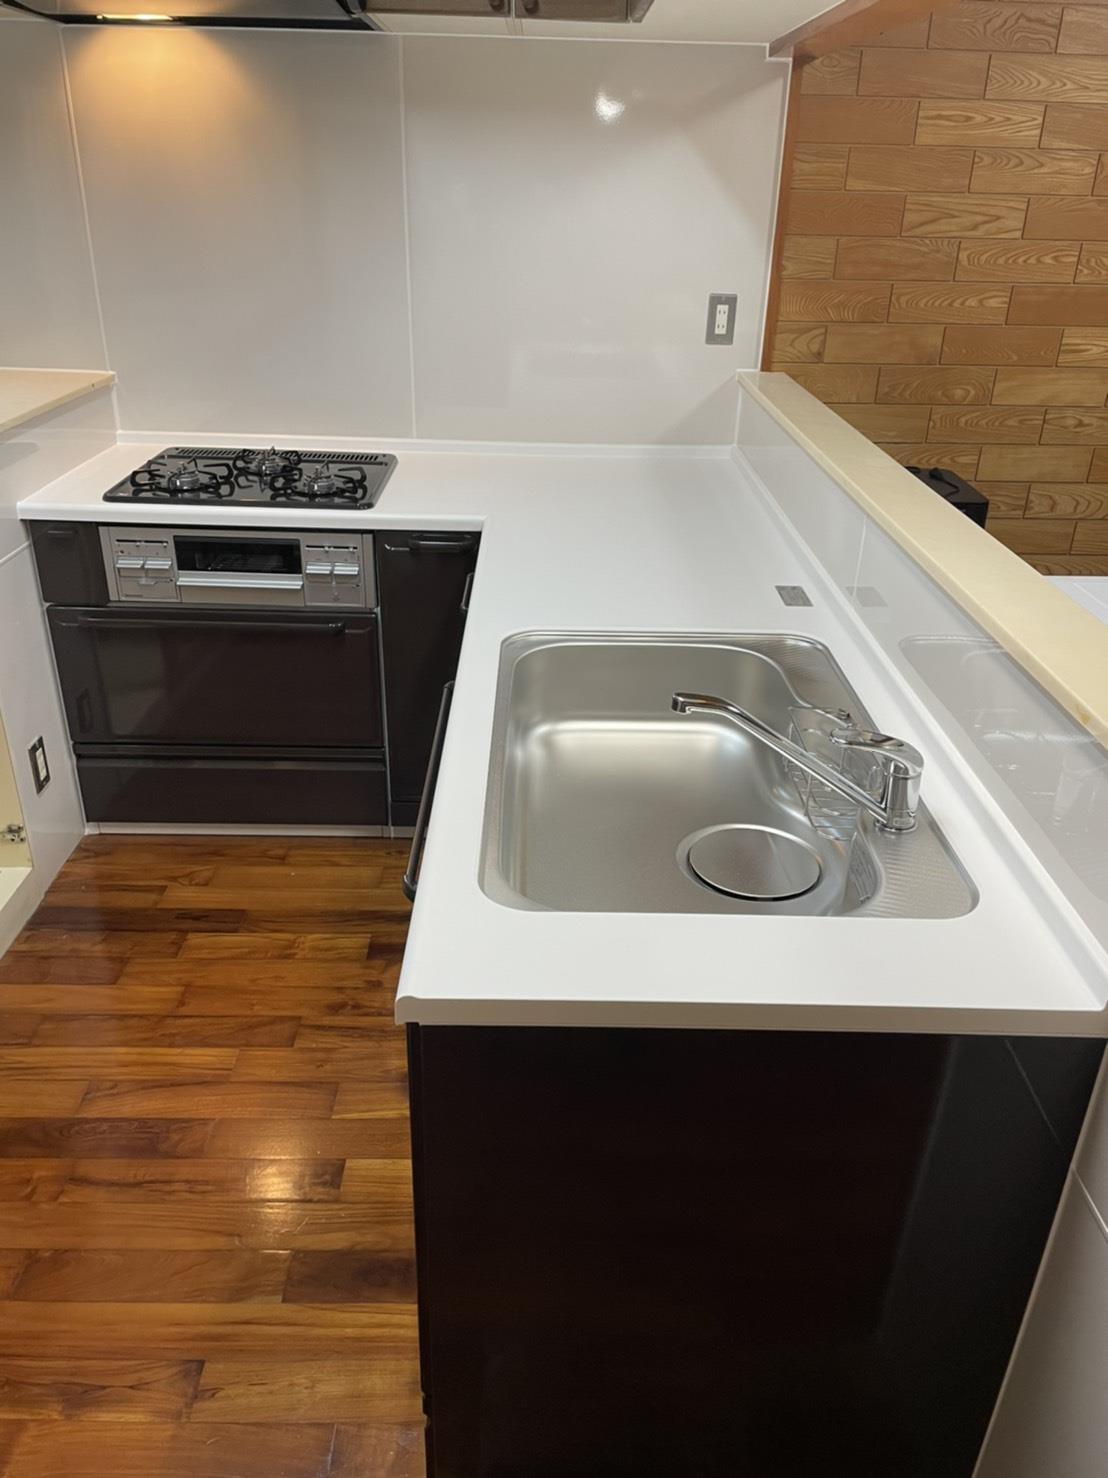 キッチン取替え(リフォーム施工事例)を公開しました。 | 沖縄や那覇でリフォームするなら【株式会社 あうん工房】